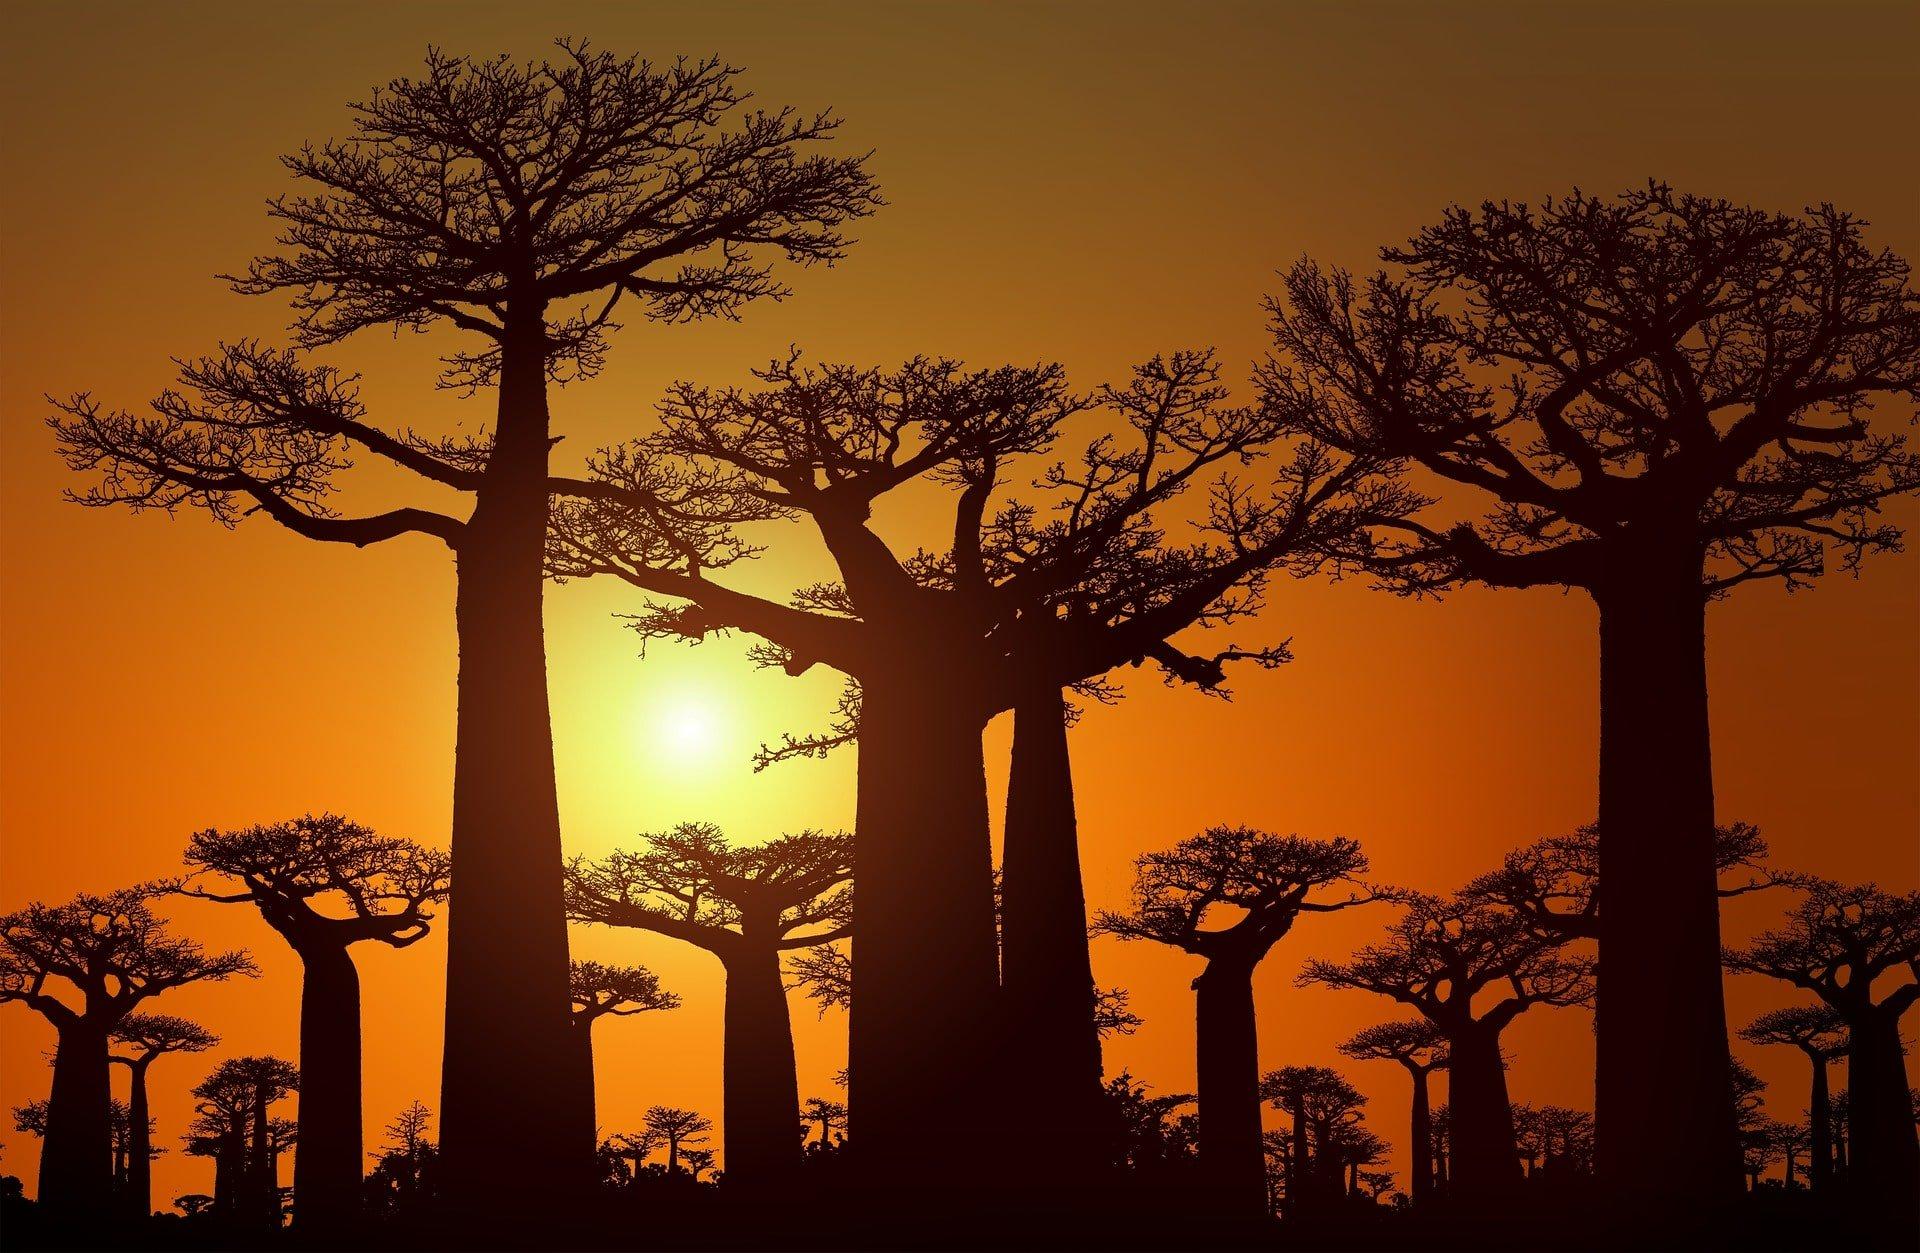 Sunset au milieu des baobab à Madagascar voyage en famille